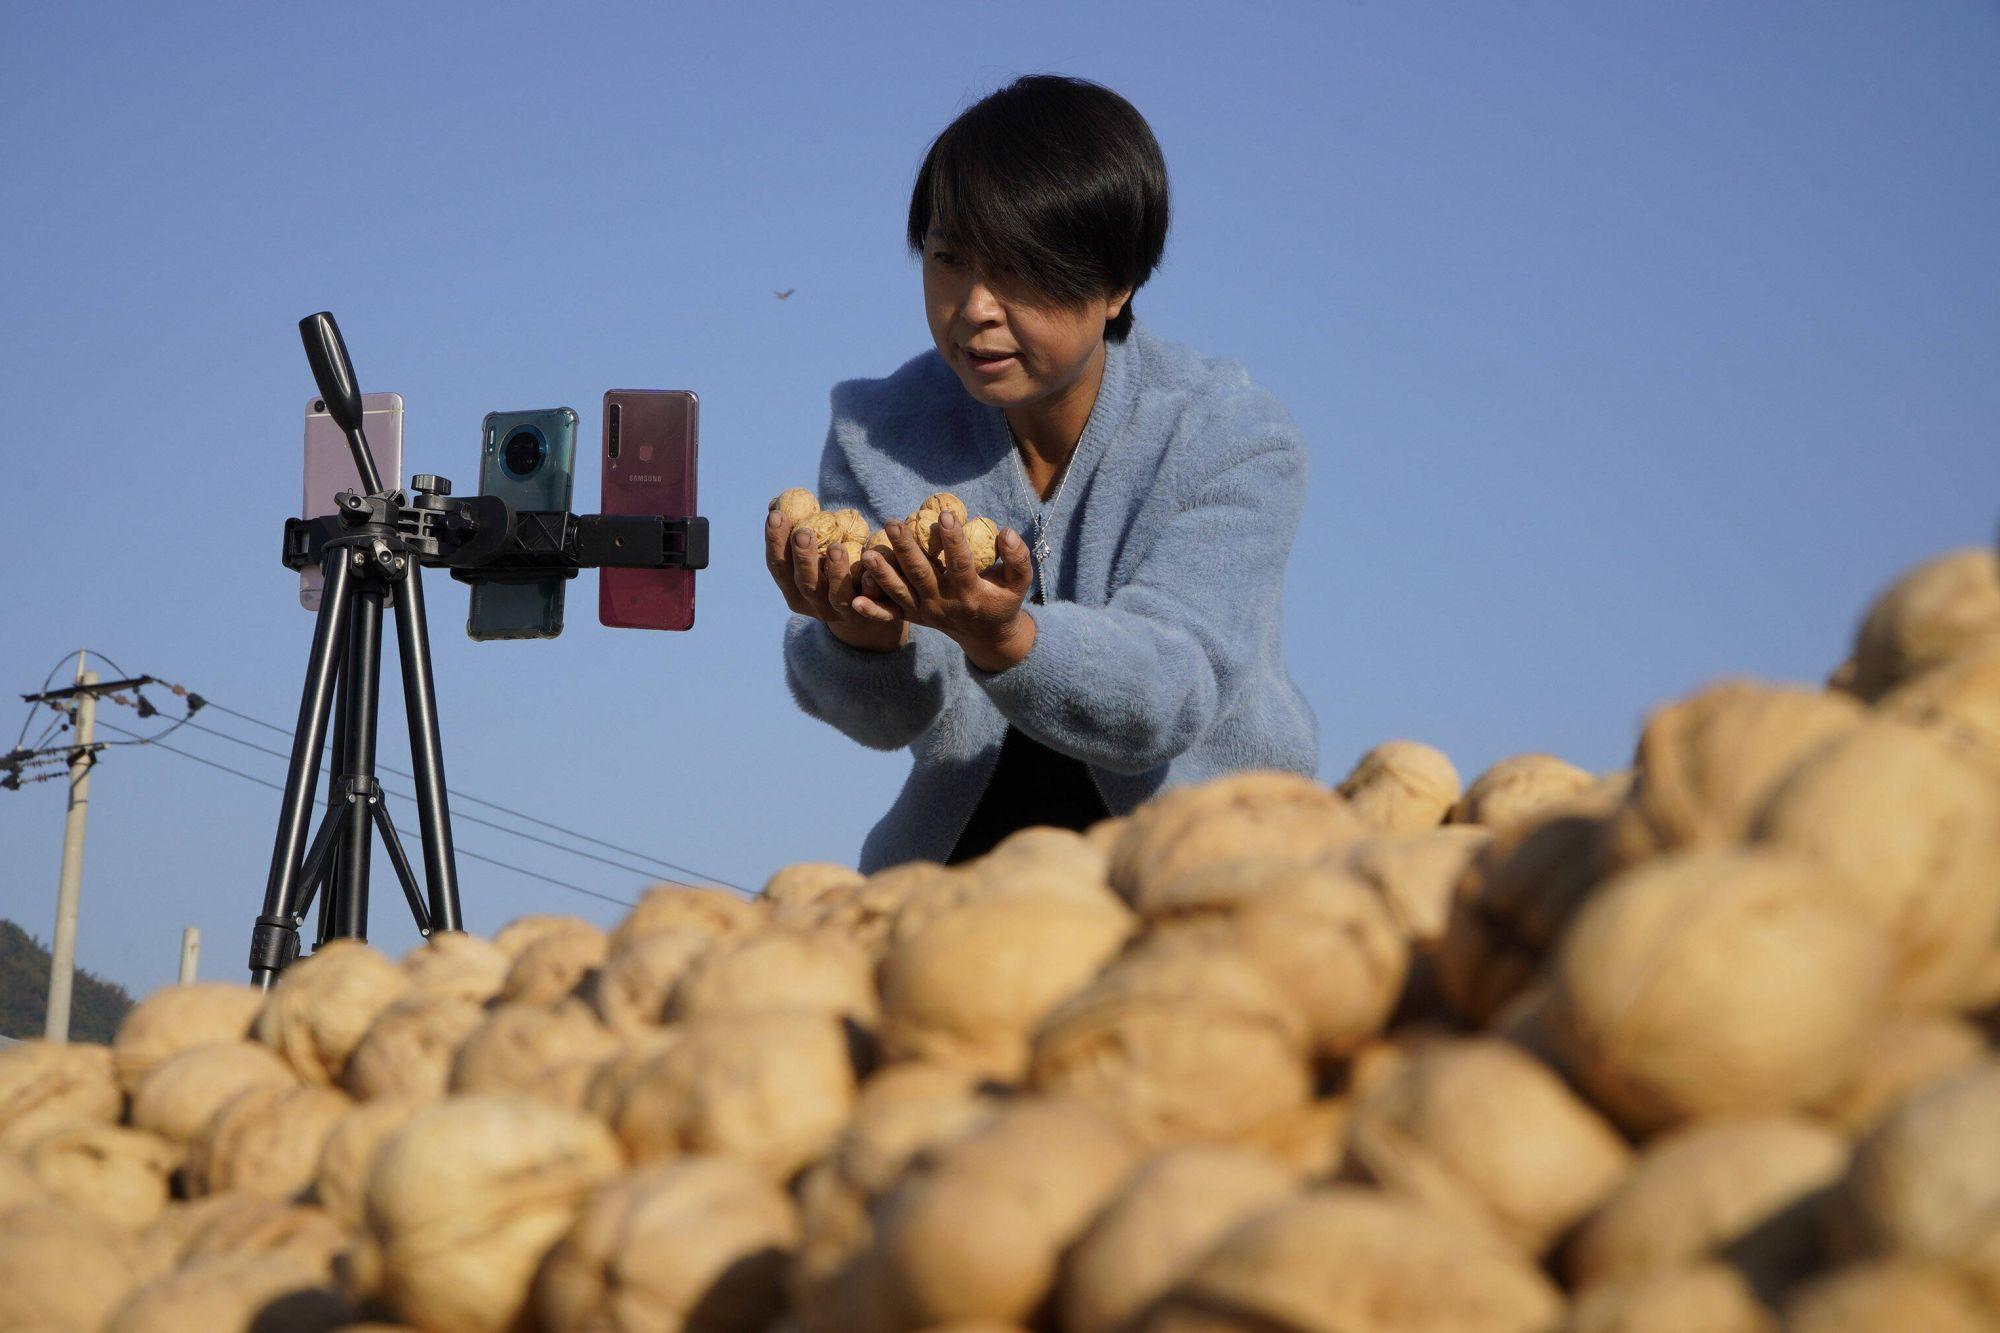 Фермерский стрим. Женщина предлагает зрителям грецкие орехи через прямую трансляцию со сбора урожая